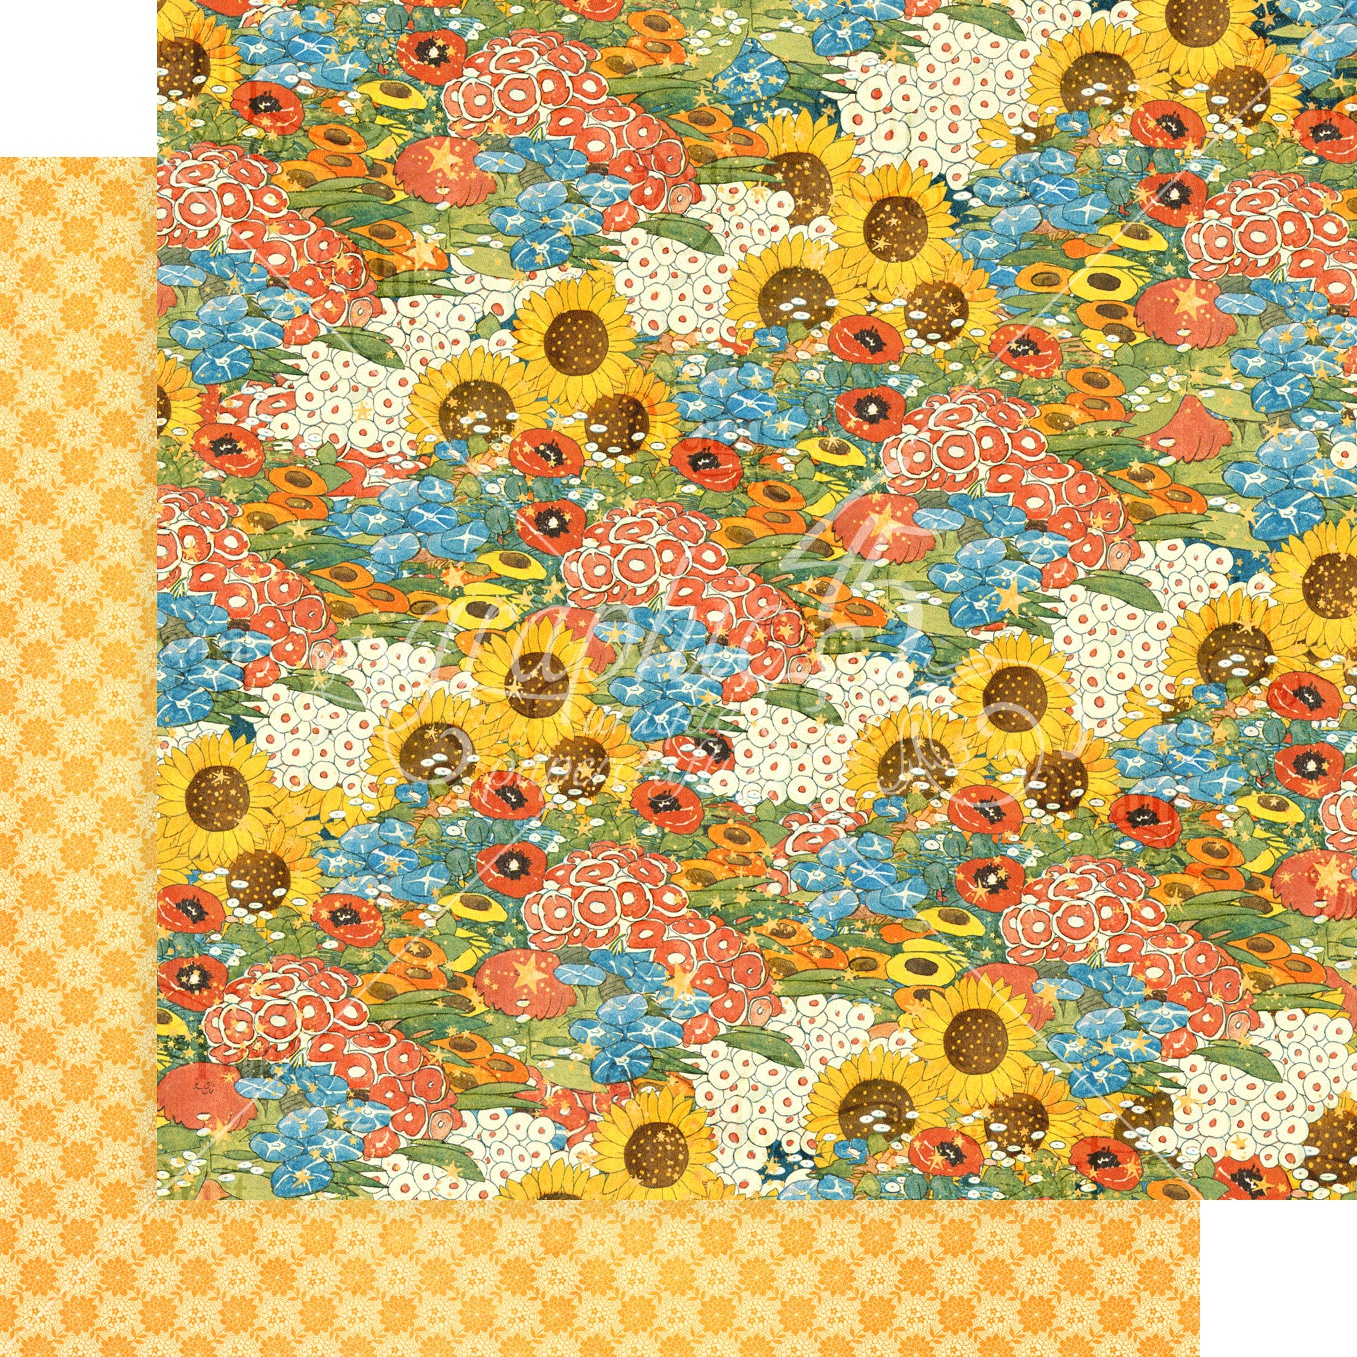 Graphic 45 Dreamland Collection - Blossom Bright